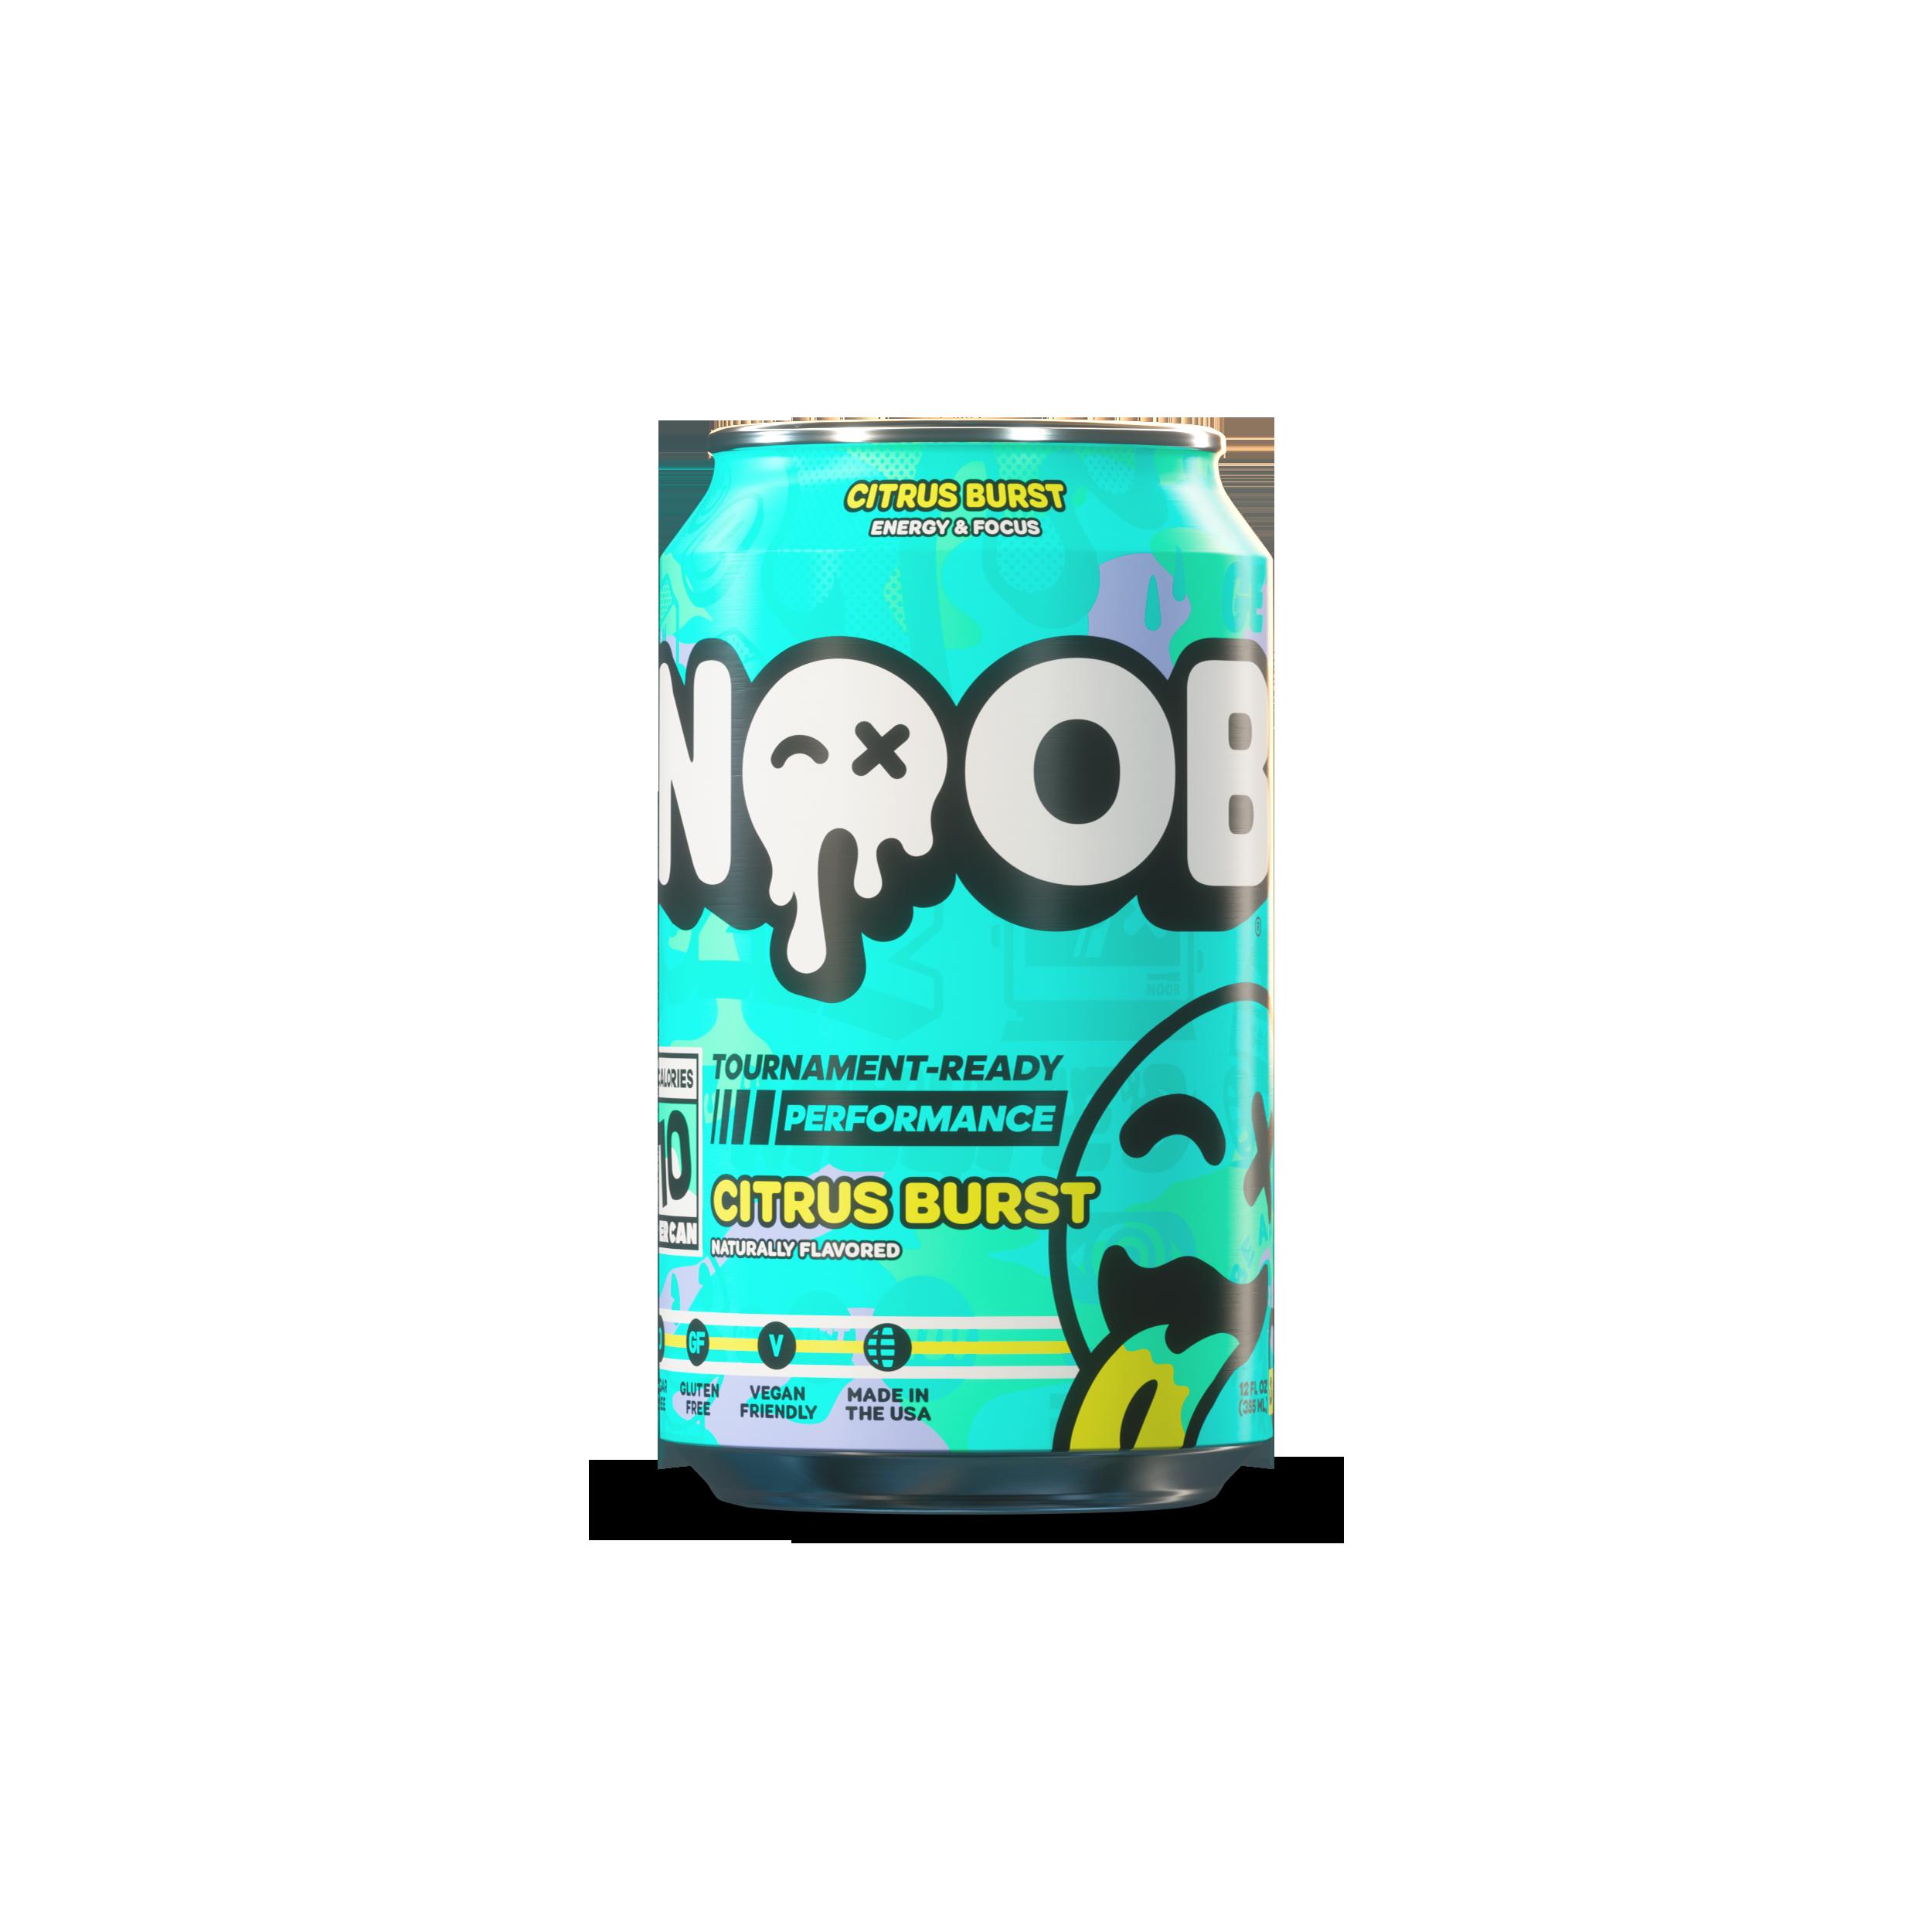 NOOB® Energy Citrus Burst